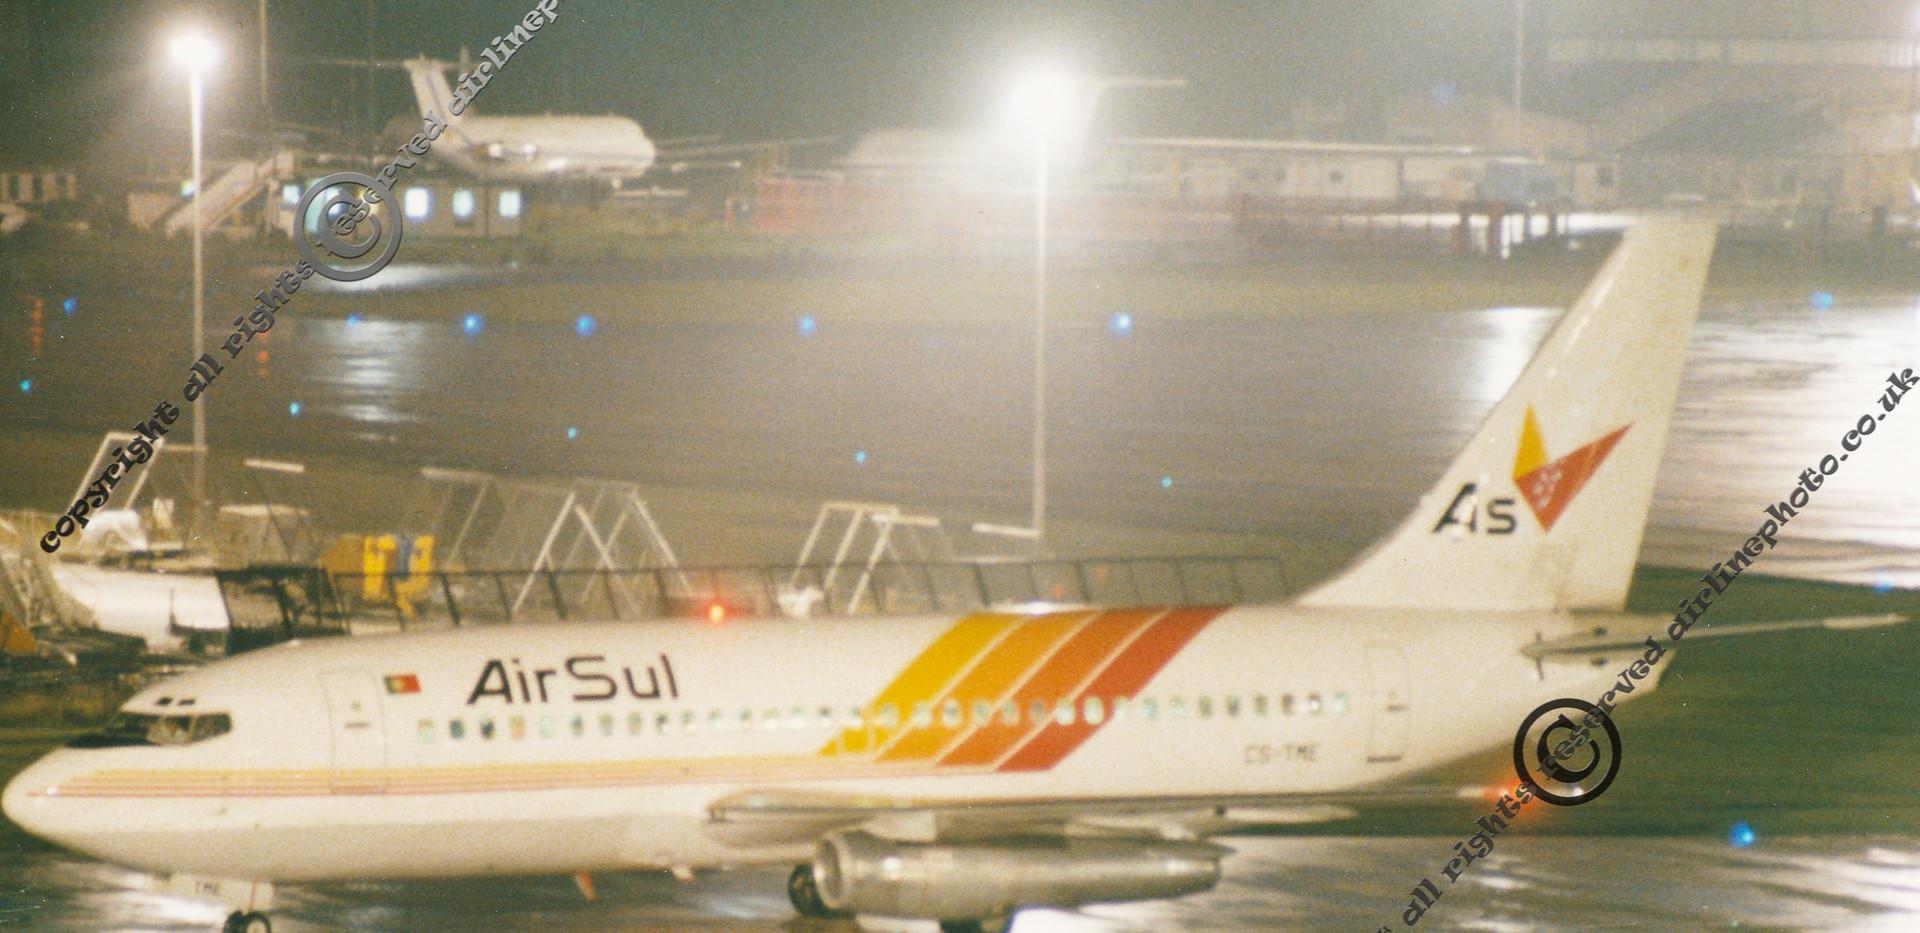 CS-TME-AirSul-Boeing-737-MAN-1991.jpg